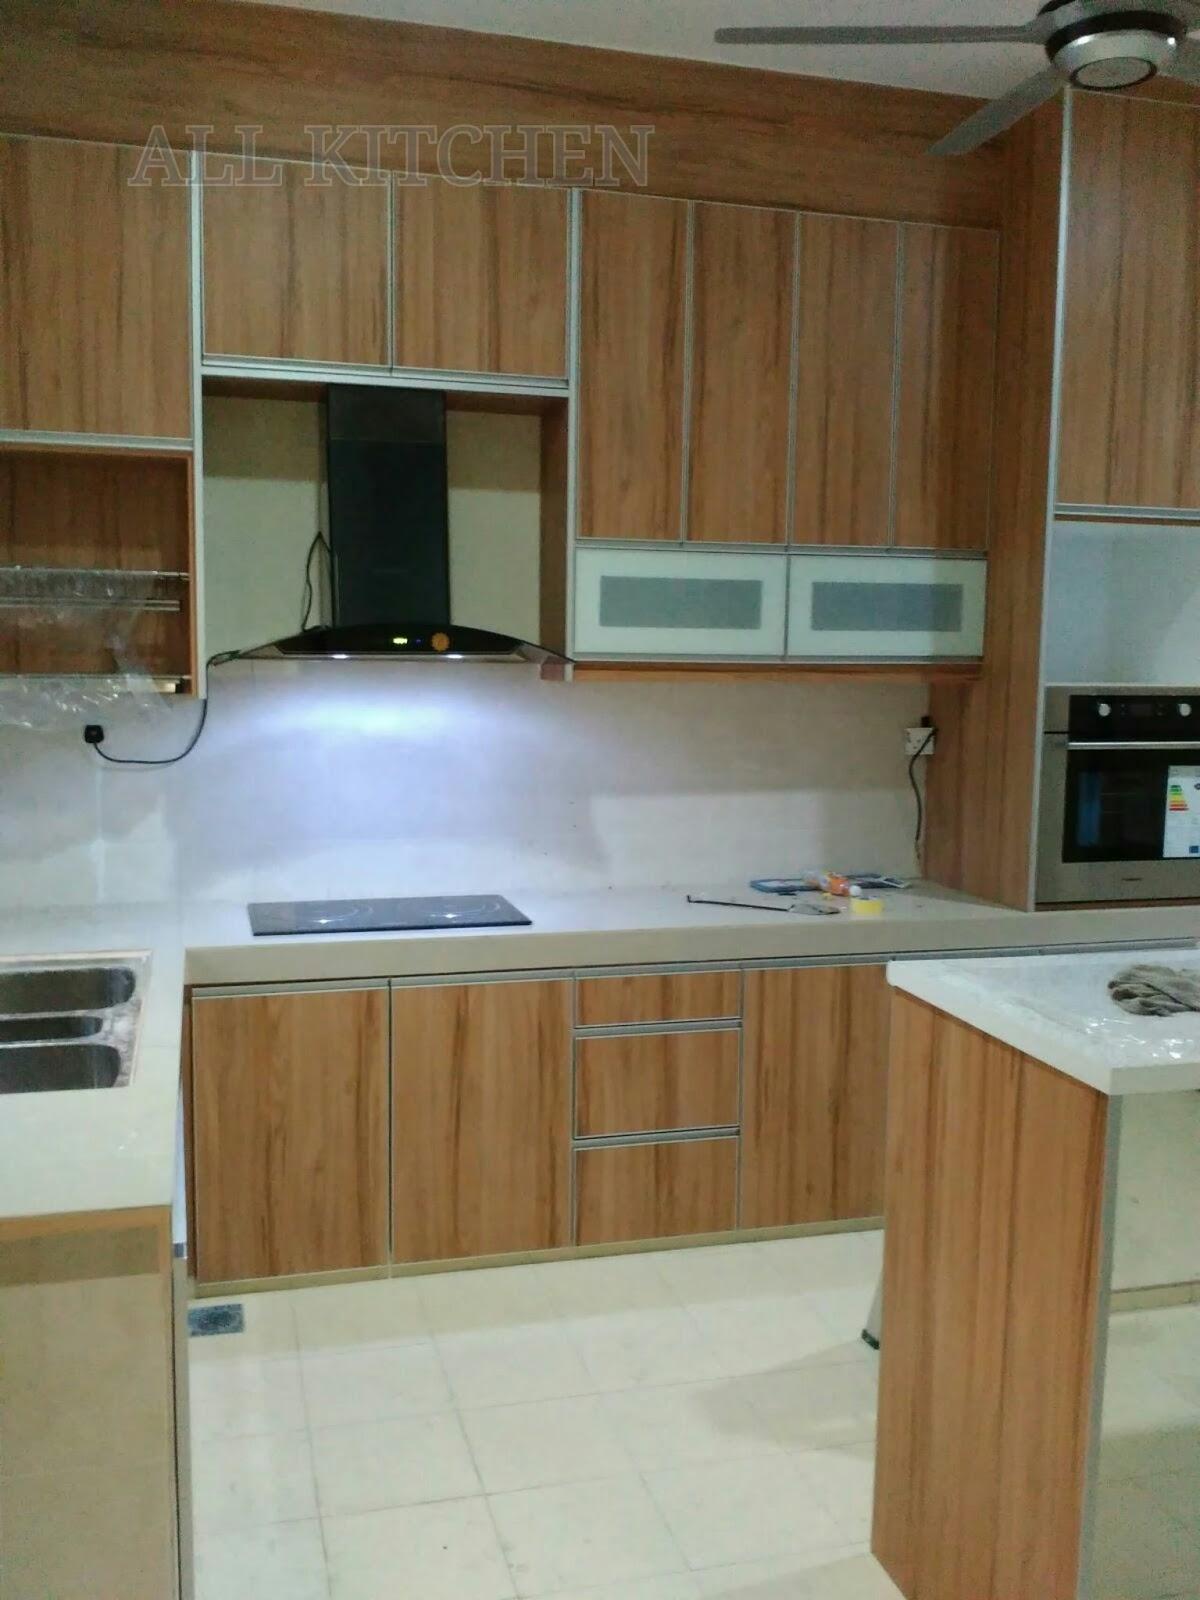 Kitchen Cabinet Bandar Baru Salak Tinggi